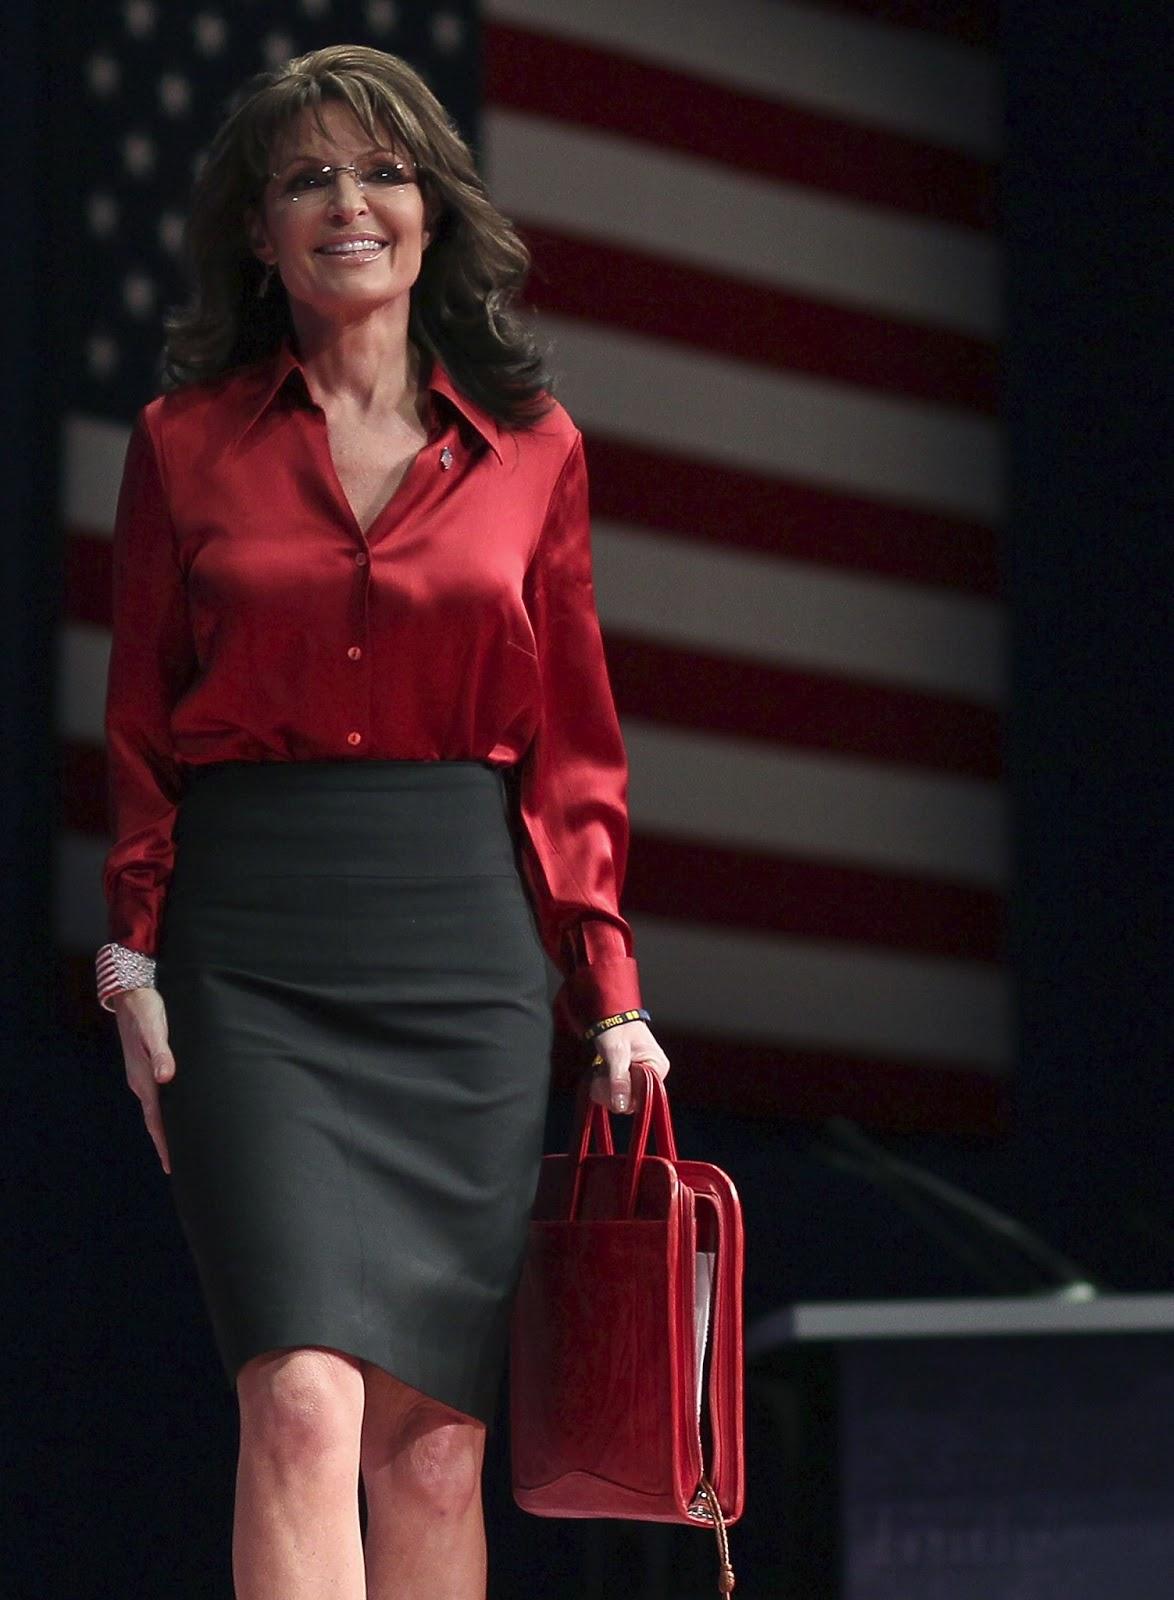 Sara Palin Milf 66